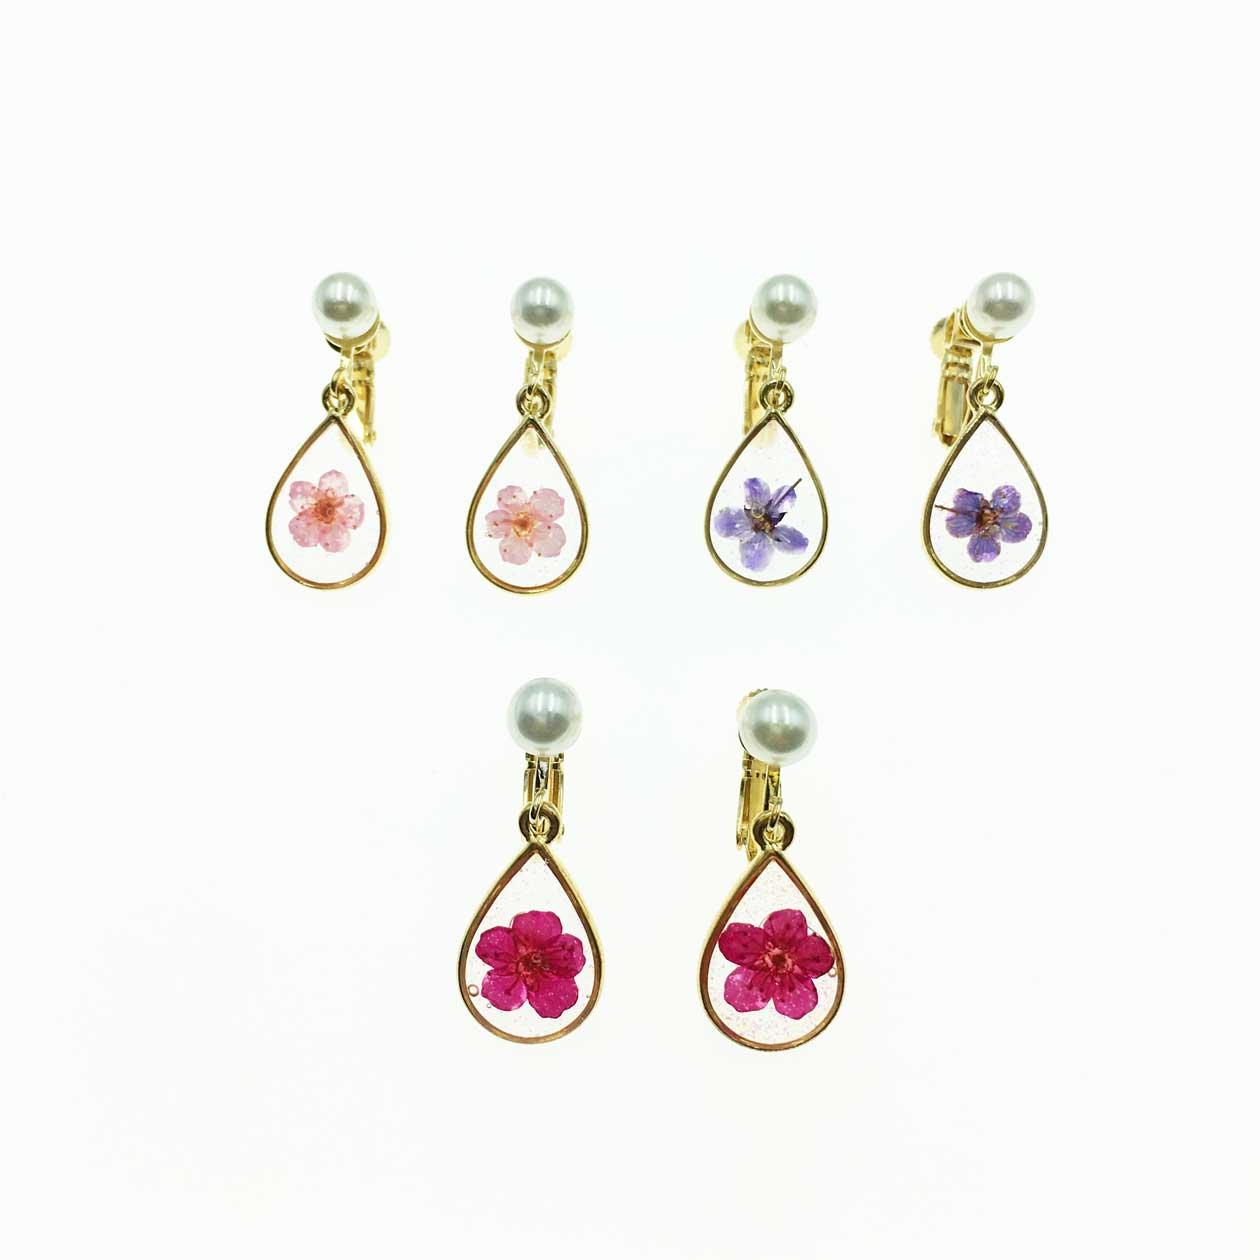 韓國 水滴系列 花瓣珍珠 紫 粉紅 桃紅 夾式耳環